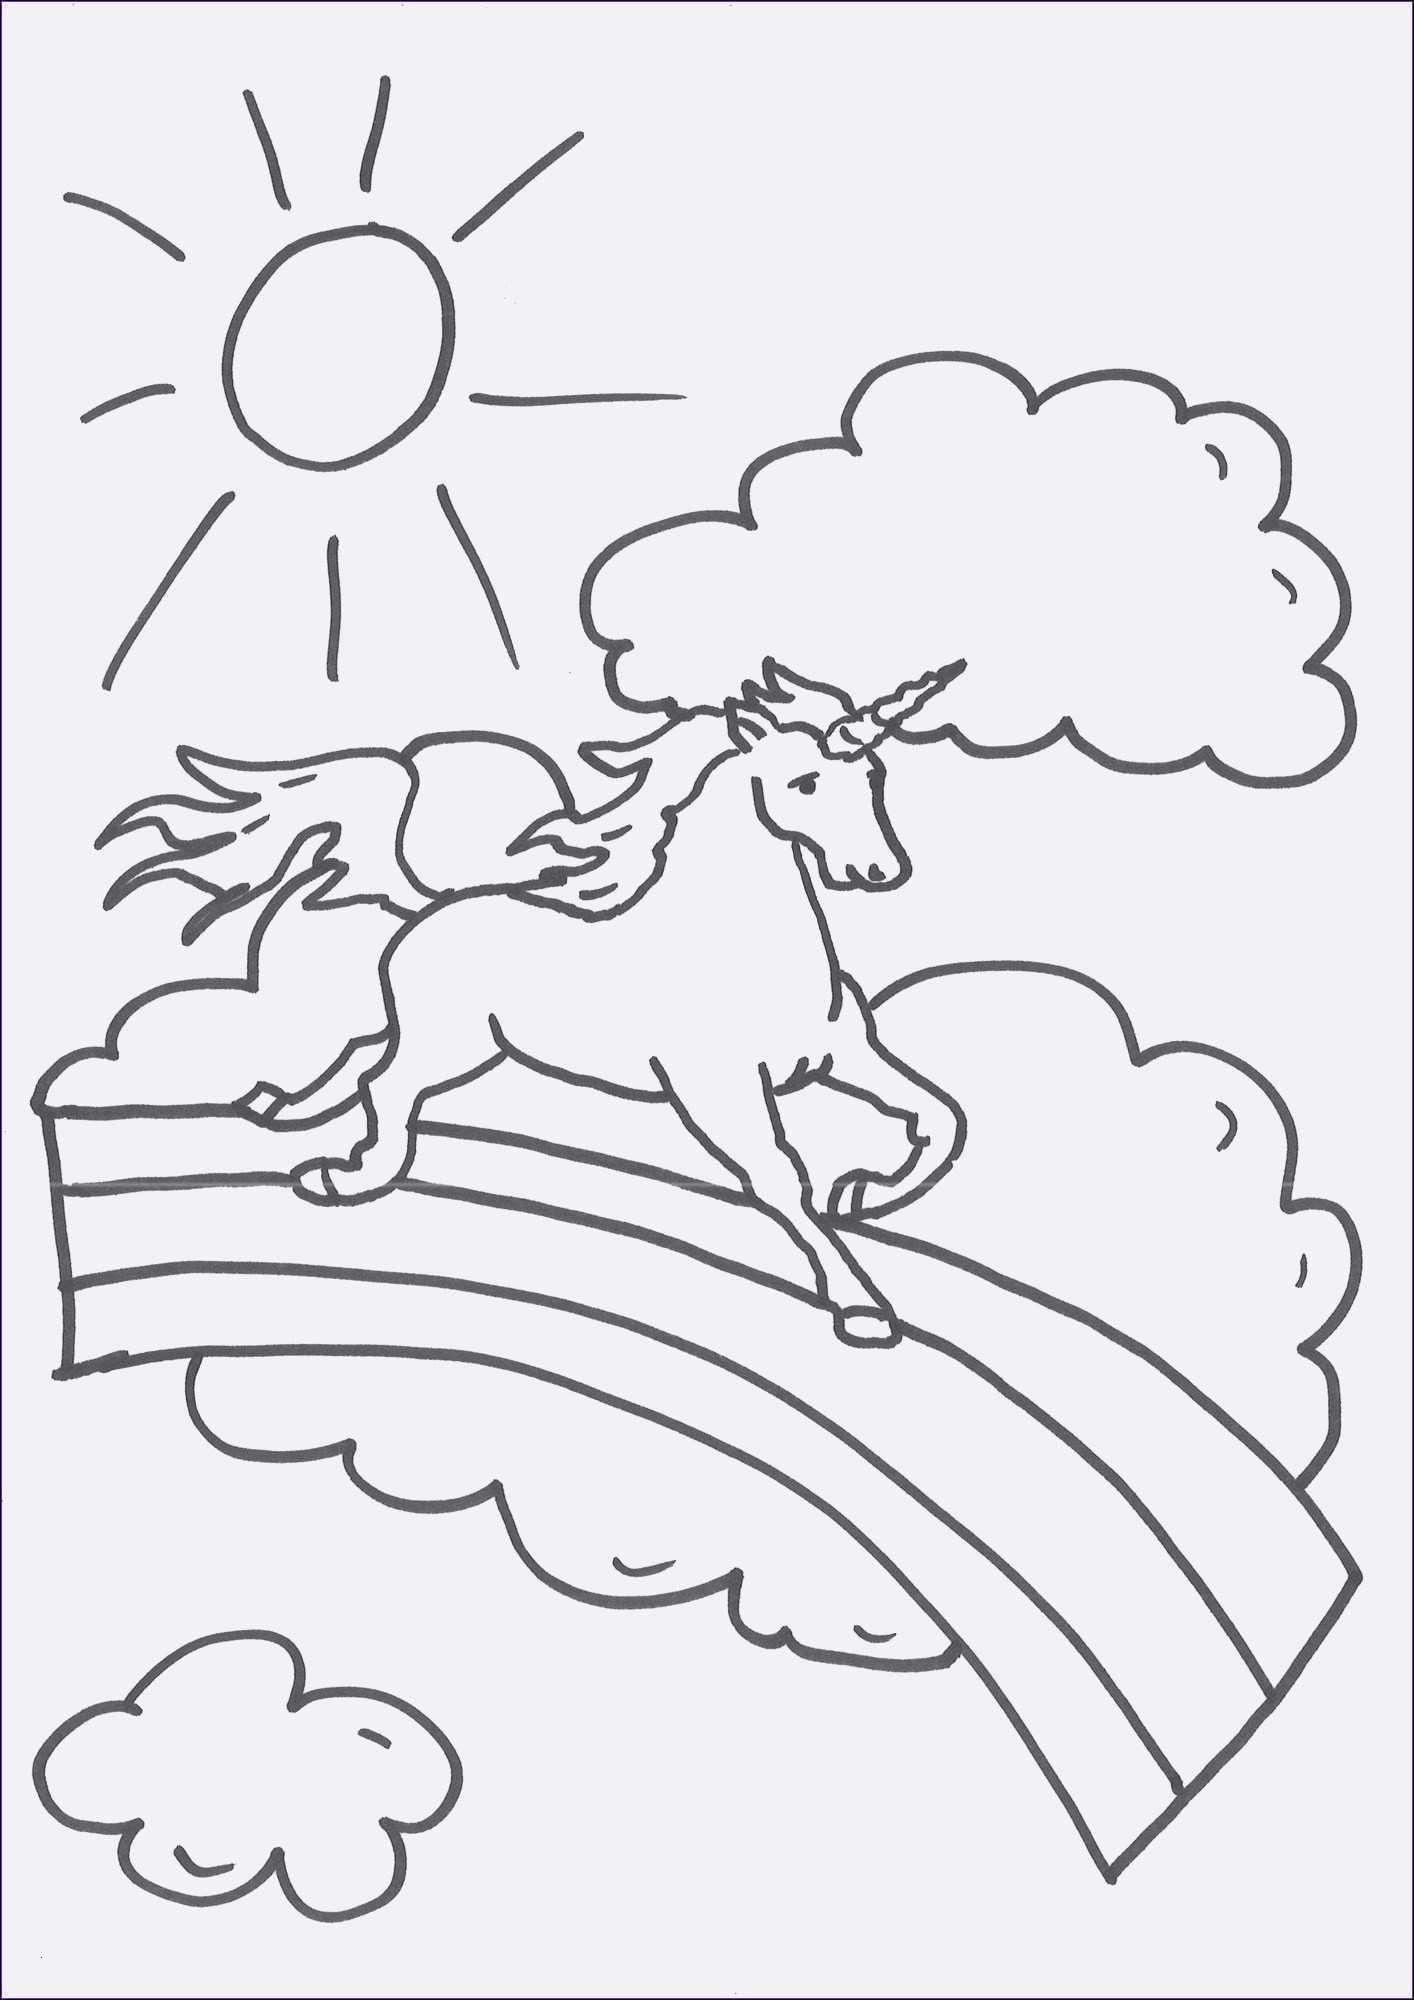 My Little Pony Ausmalbild Inspirierend My Little Pony Bilder Zum Ausmalen Bild – Ausmalbilder Ideen Bild